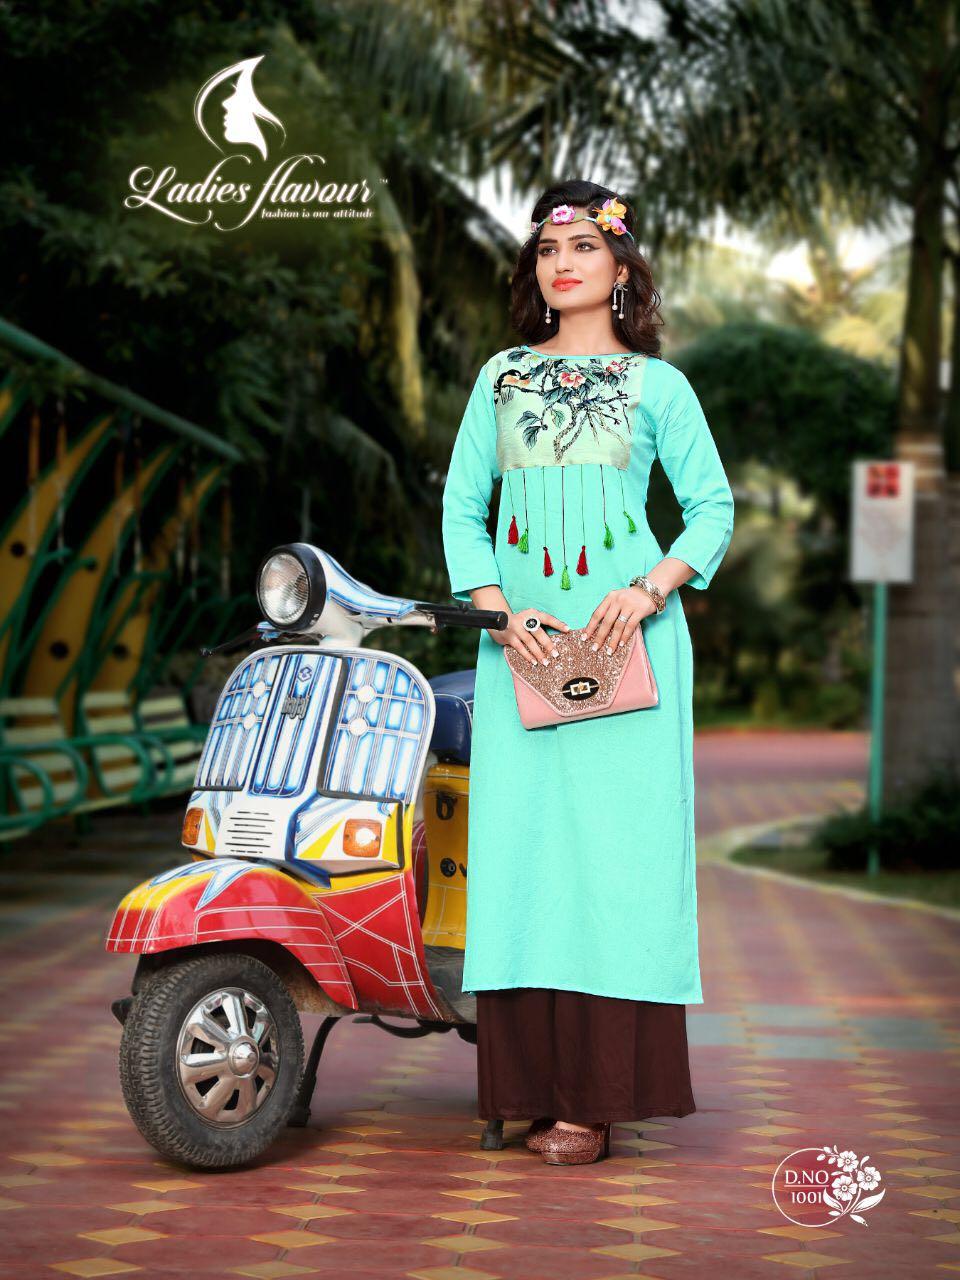 Ladies Flavour Noor 1001